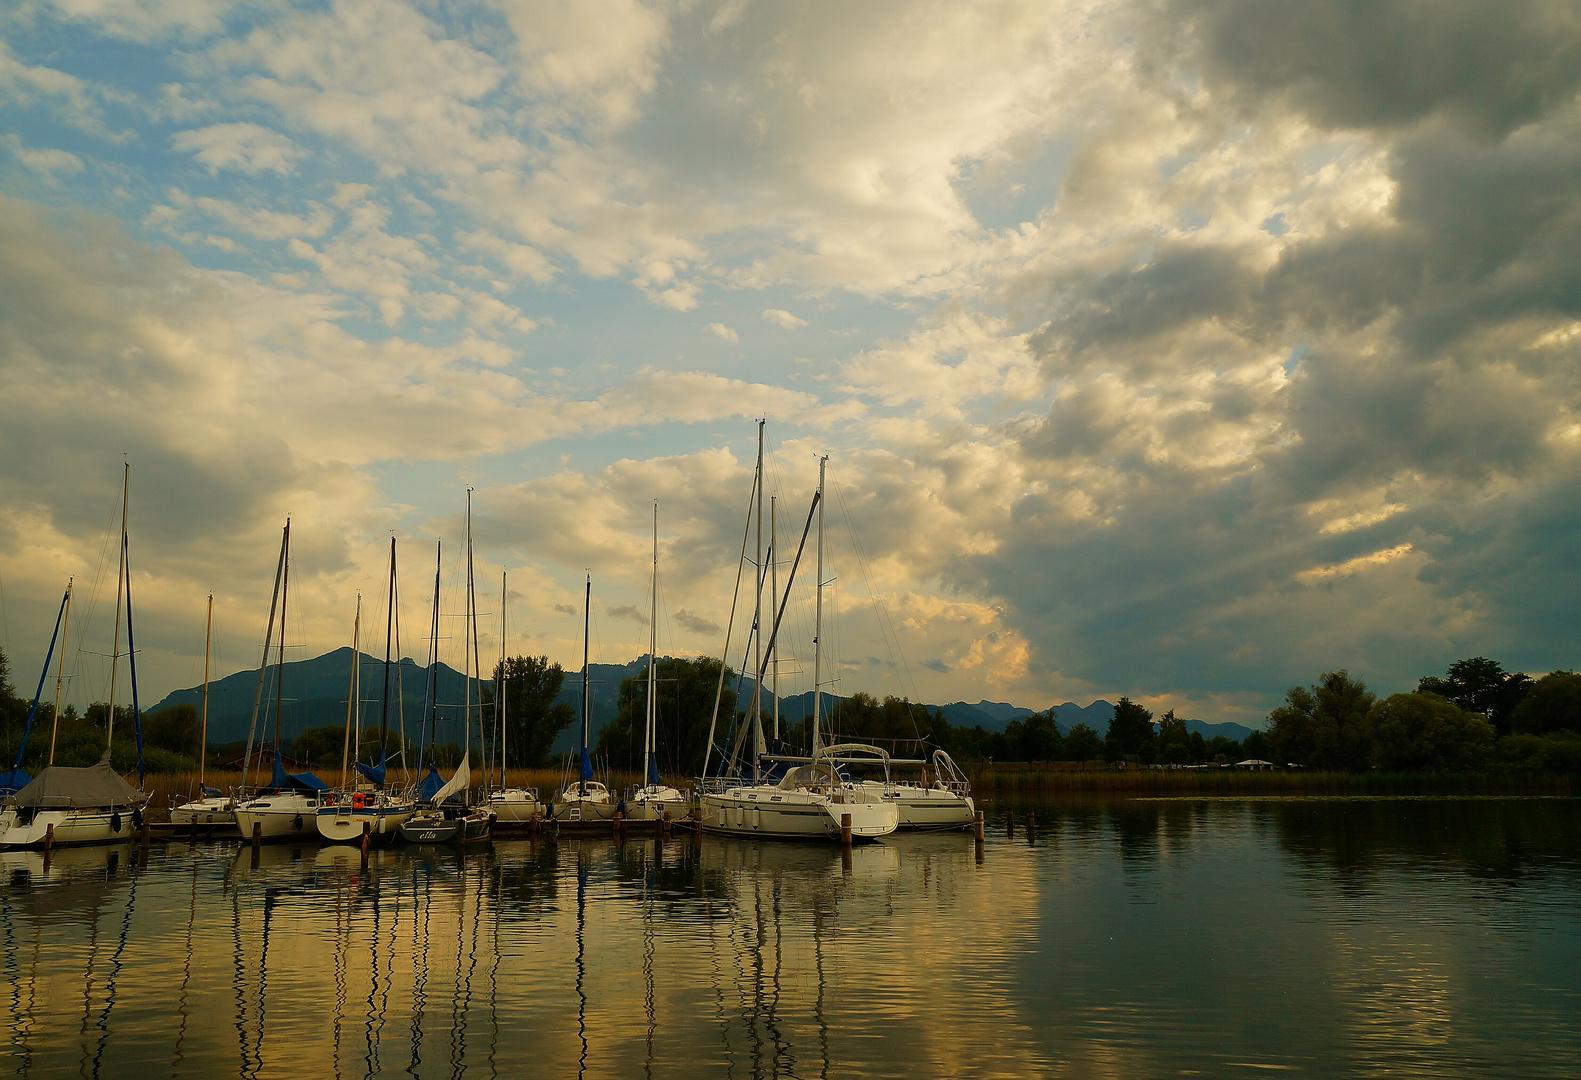 Sommerabend in Feldwieser Bucht